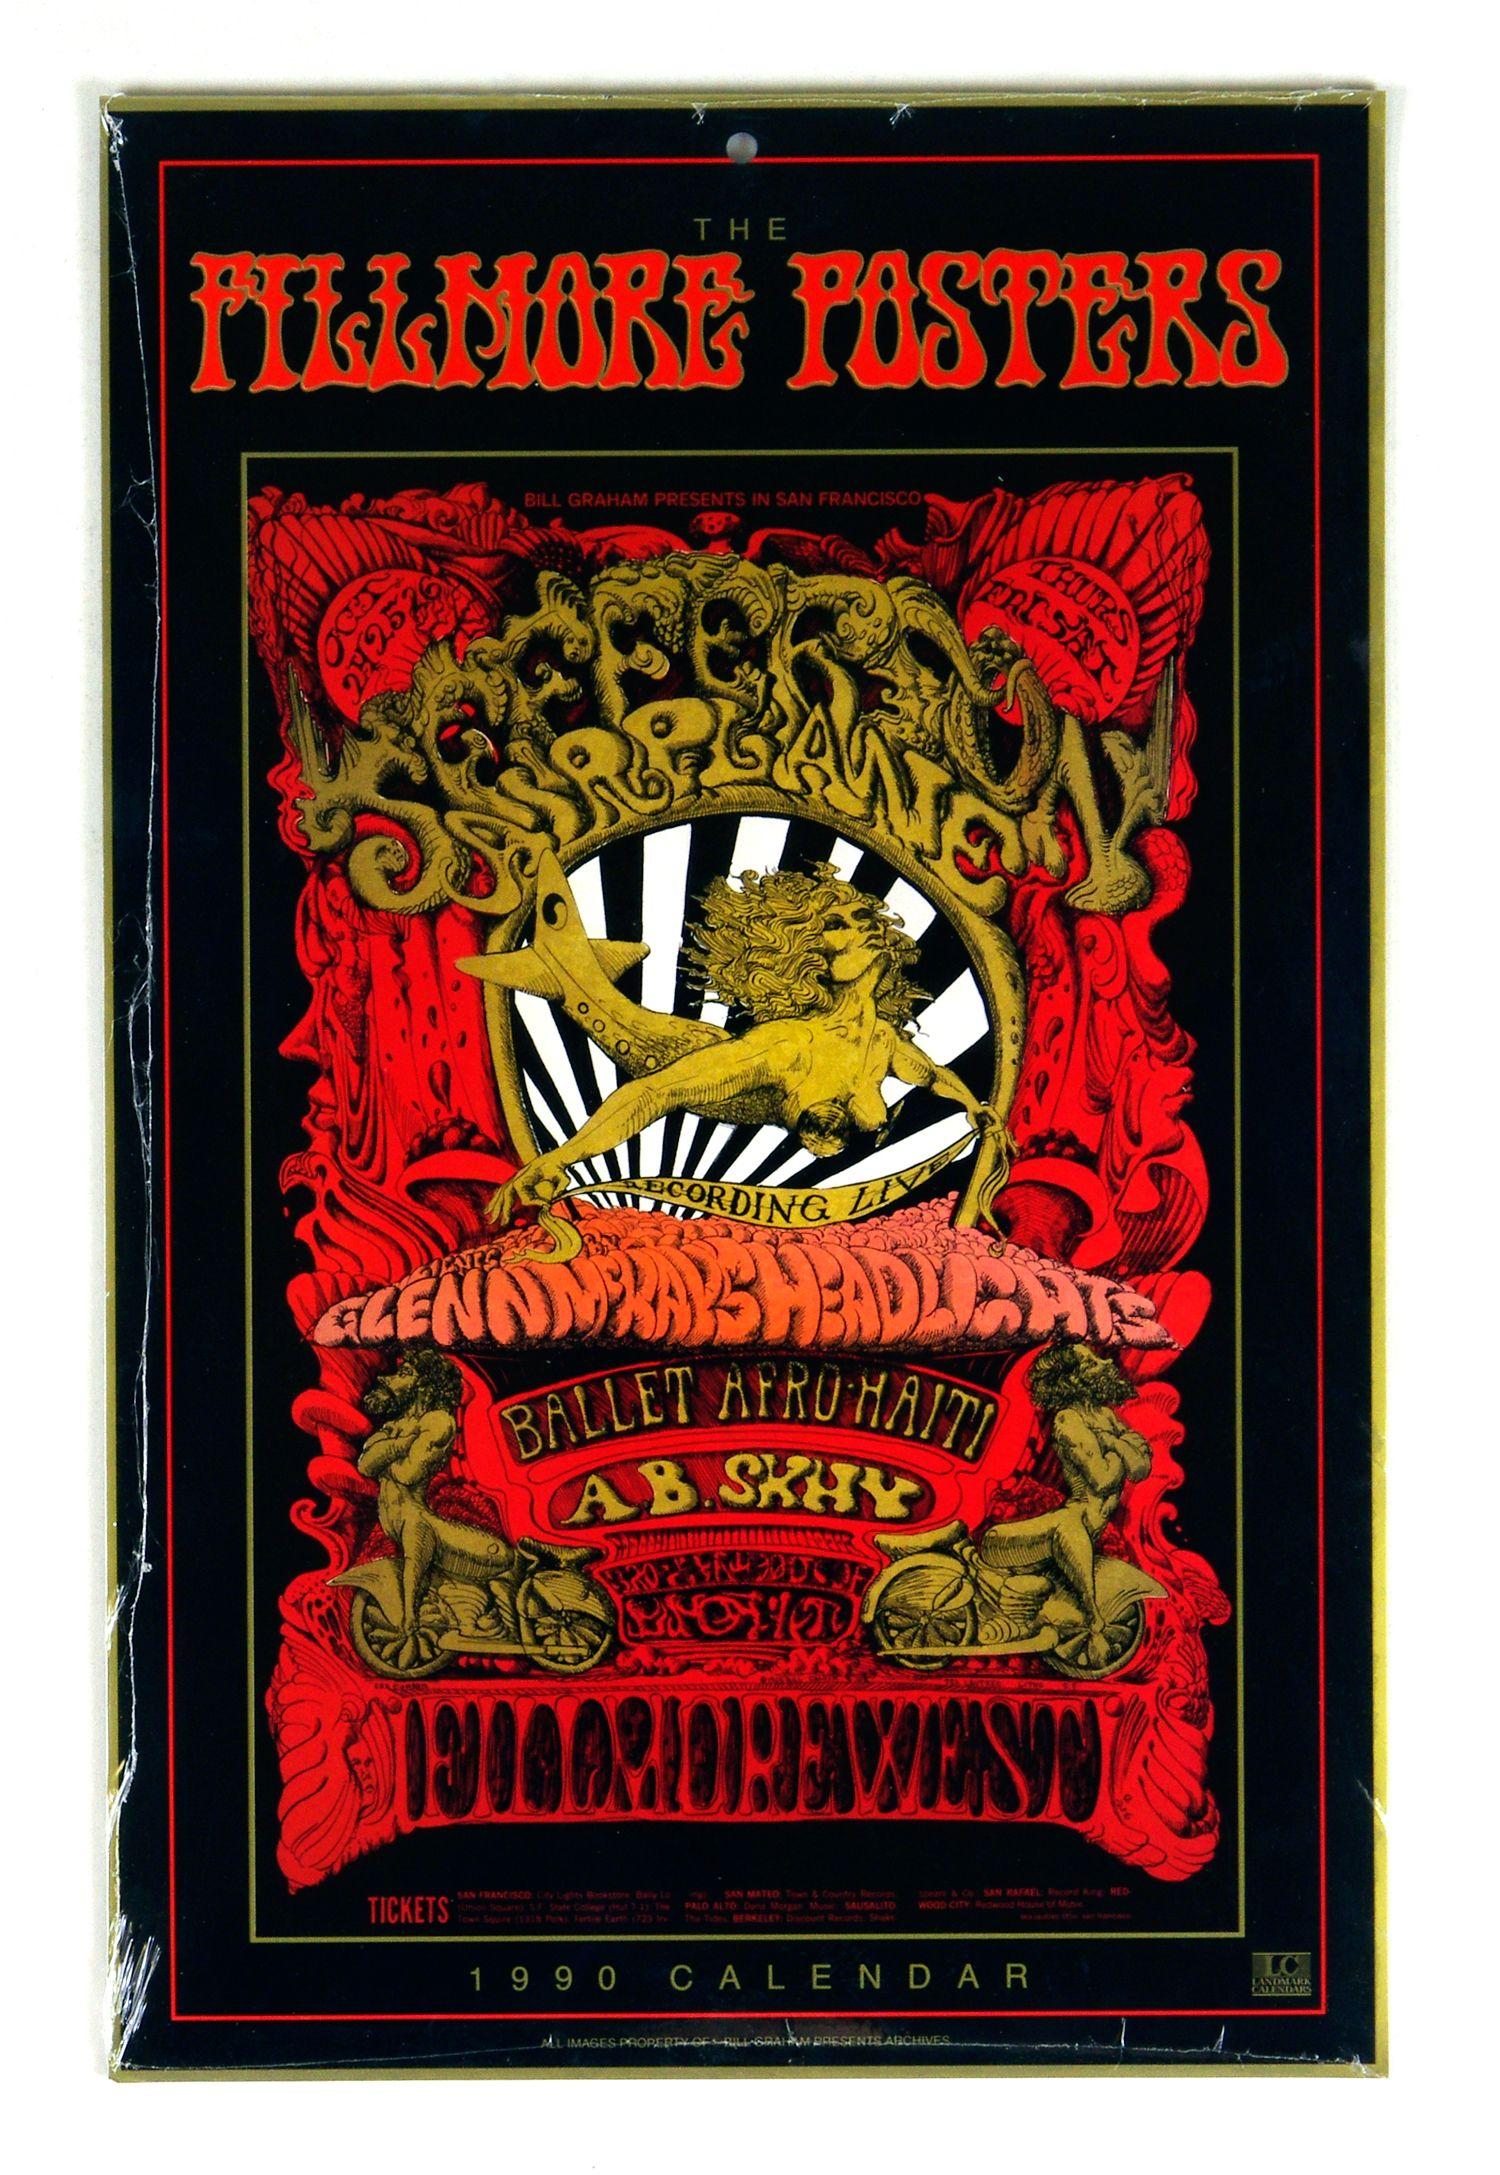 Bill Graham Fillmore Poster Calendar 1990 Vintage Original Rock